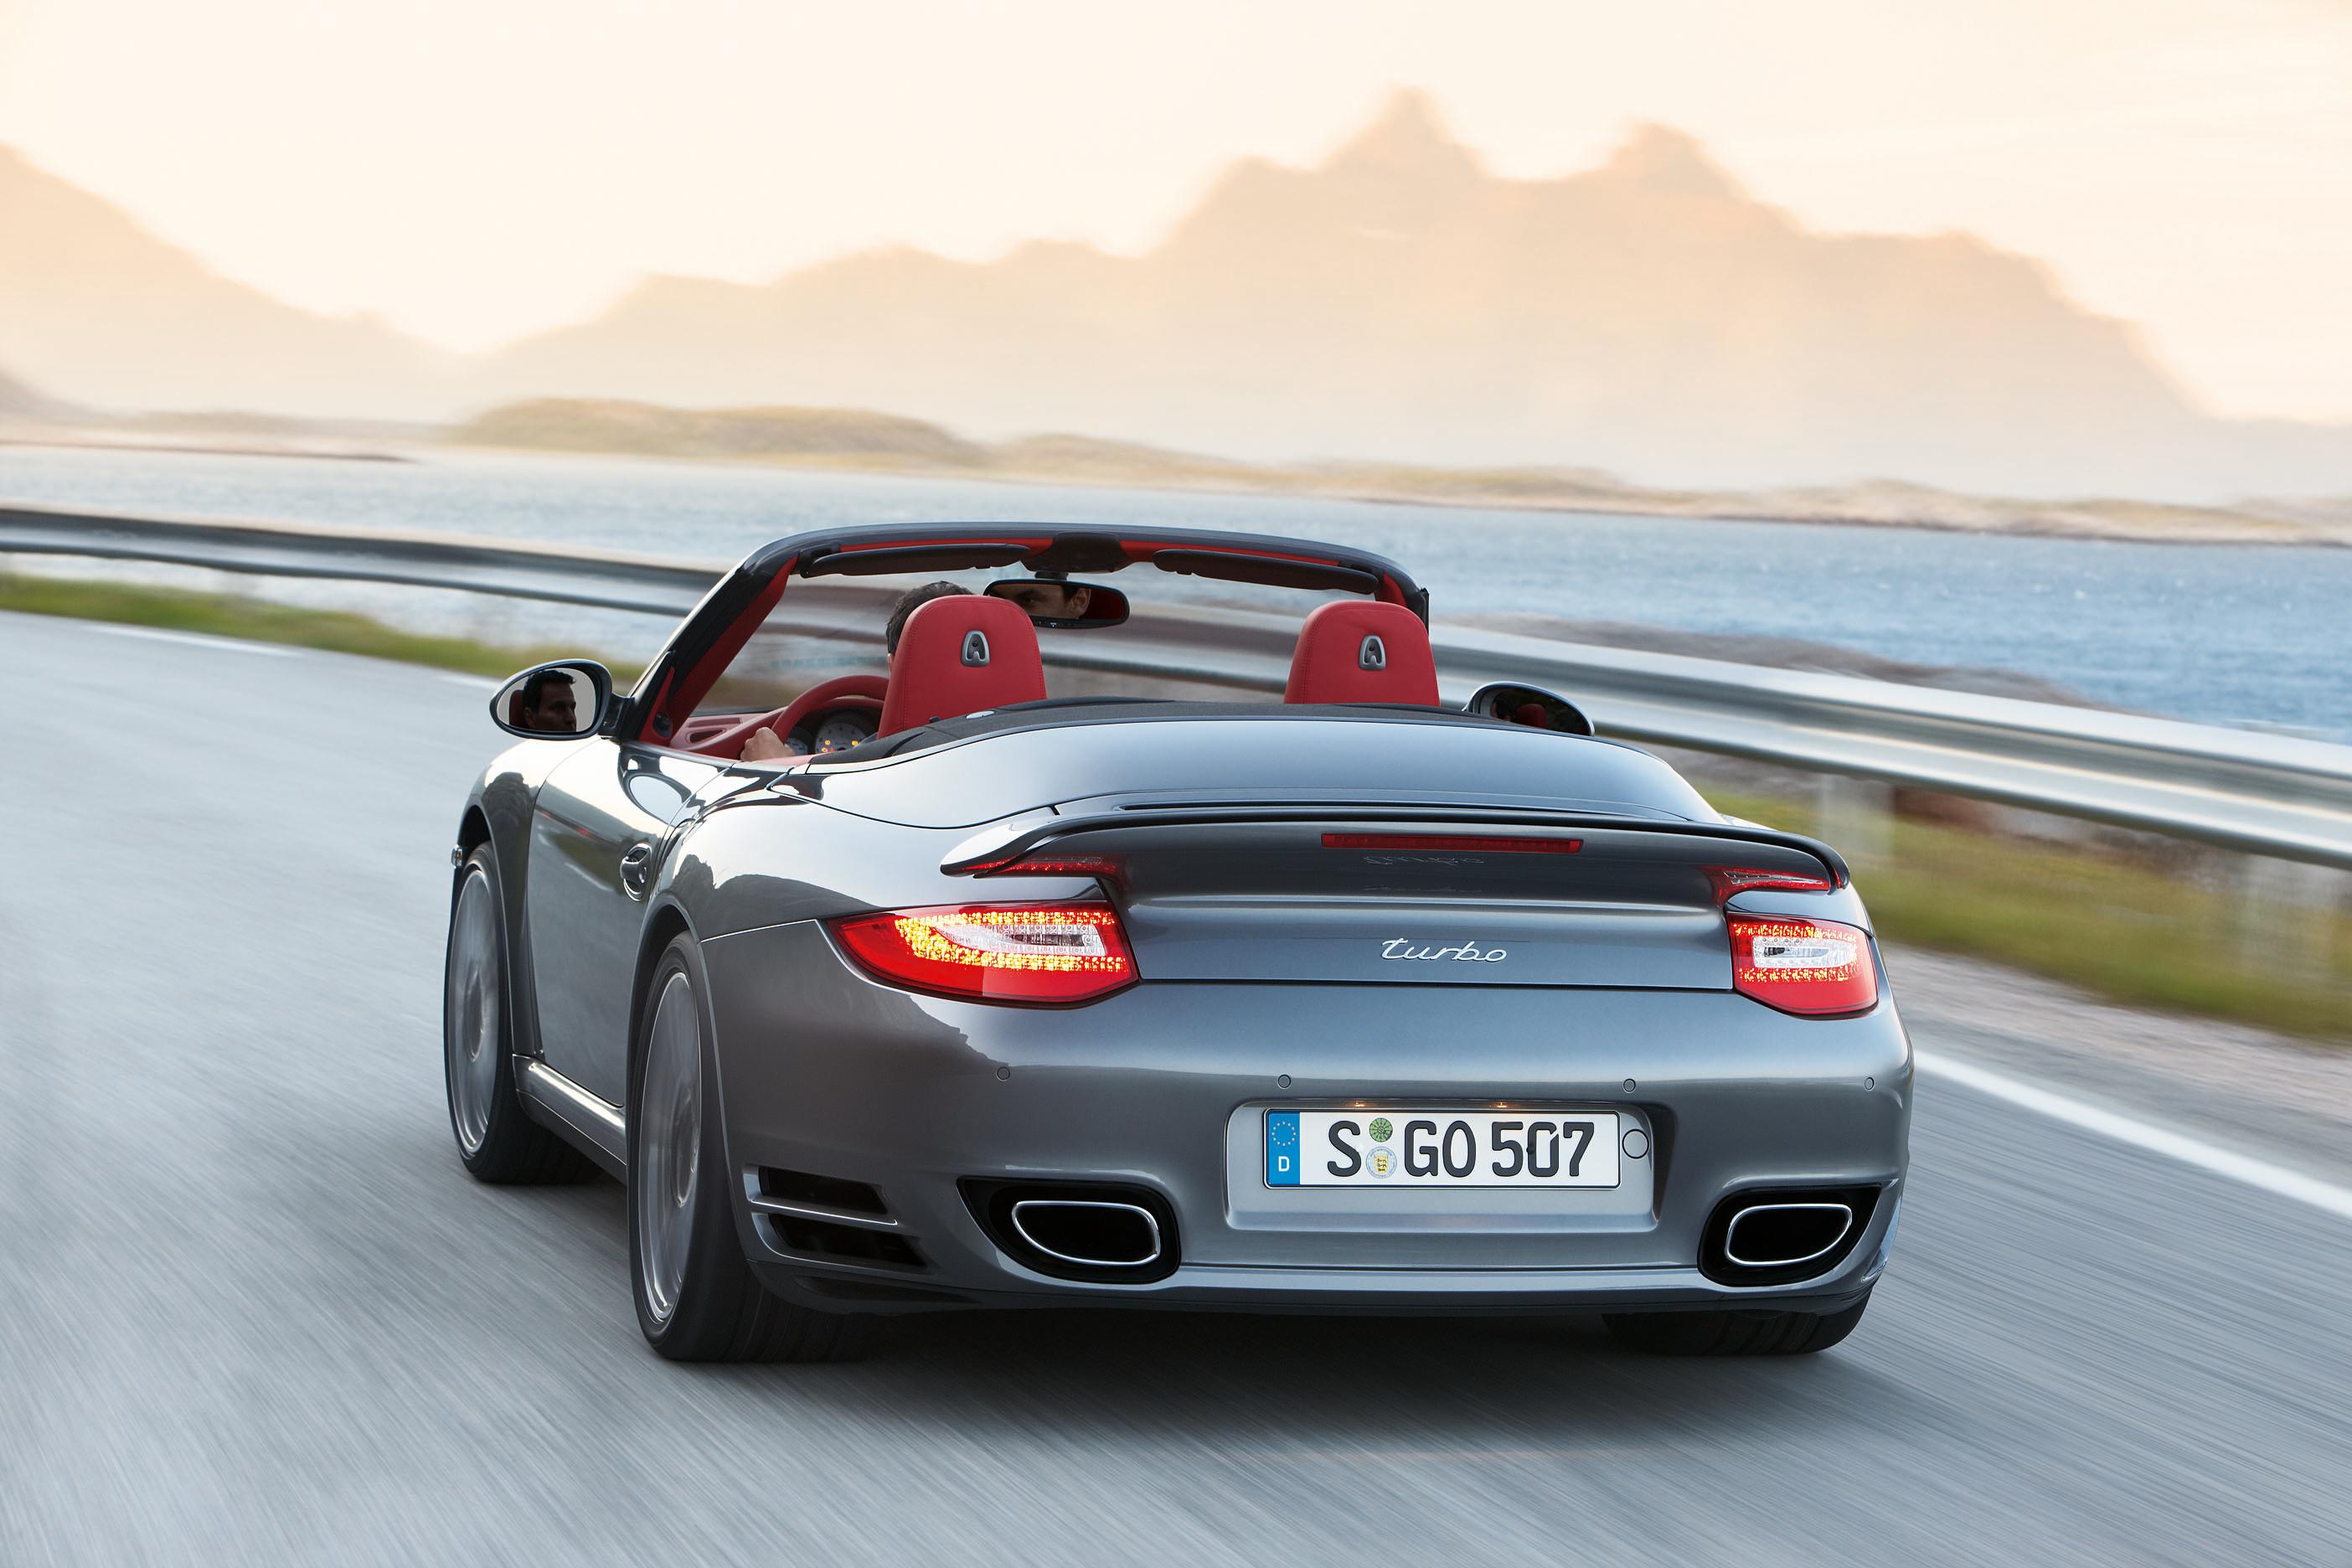 Porsche-997-Turbo-Cabriolet-